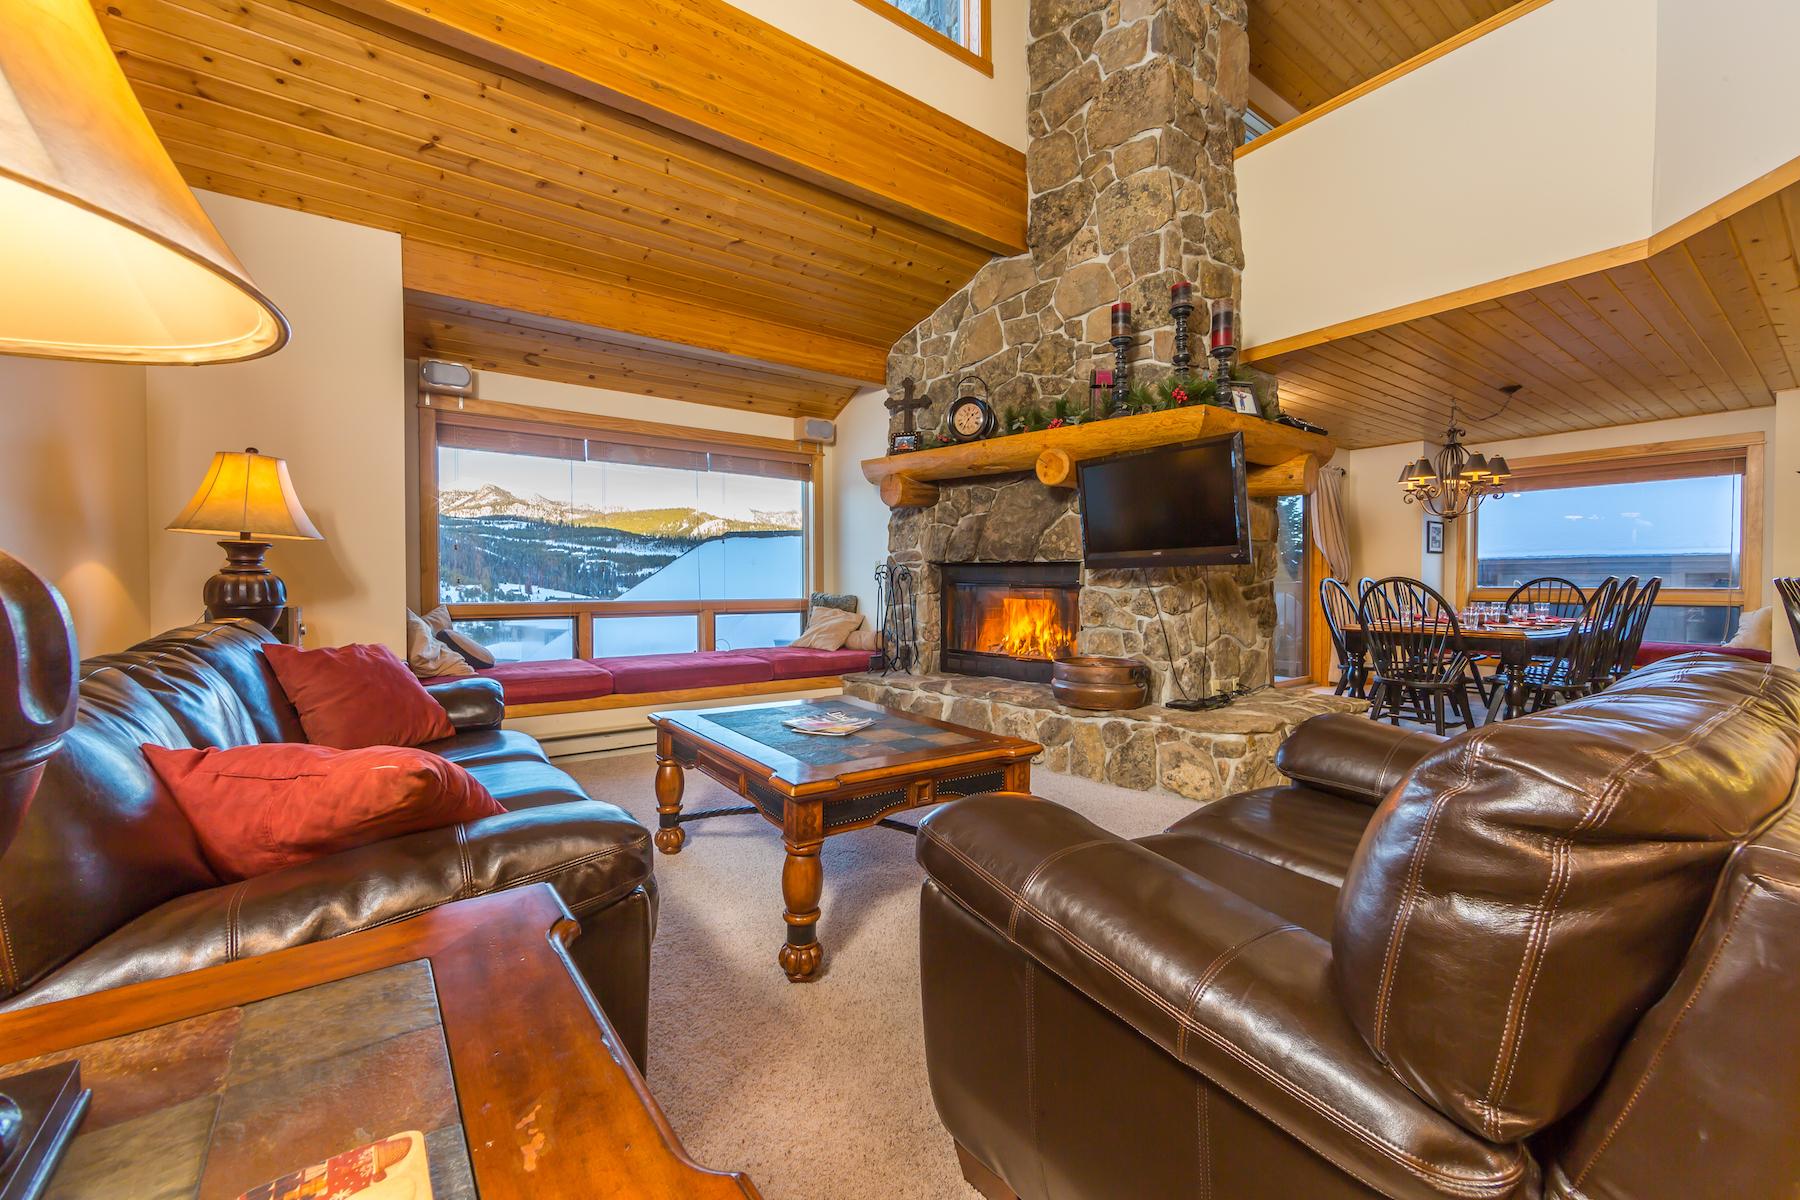 Кондоминиум для того Продажа на Beaverhead Condo 1468 10 Beaverhead Drive #1468, Big Sky, Монтана, 59716 Соединенные Штаты